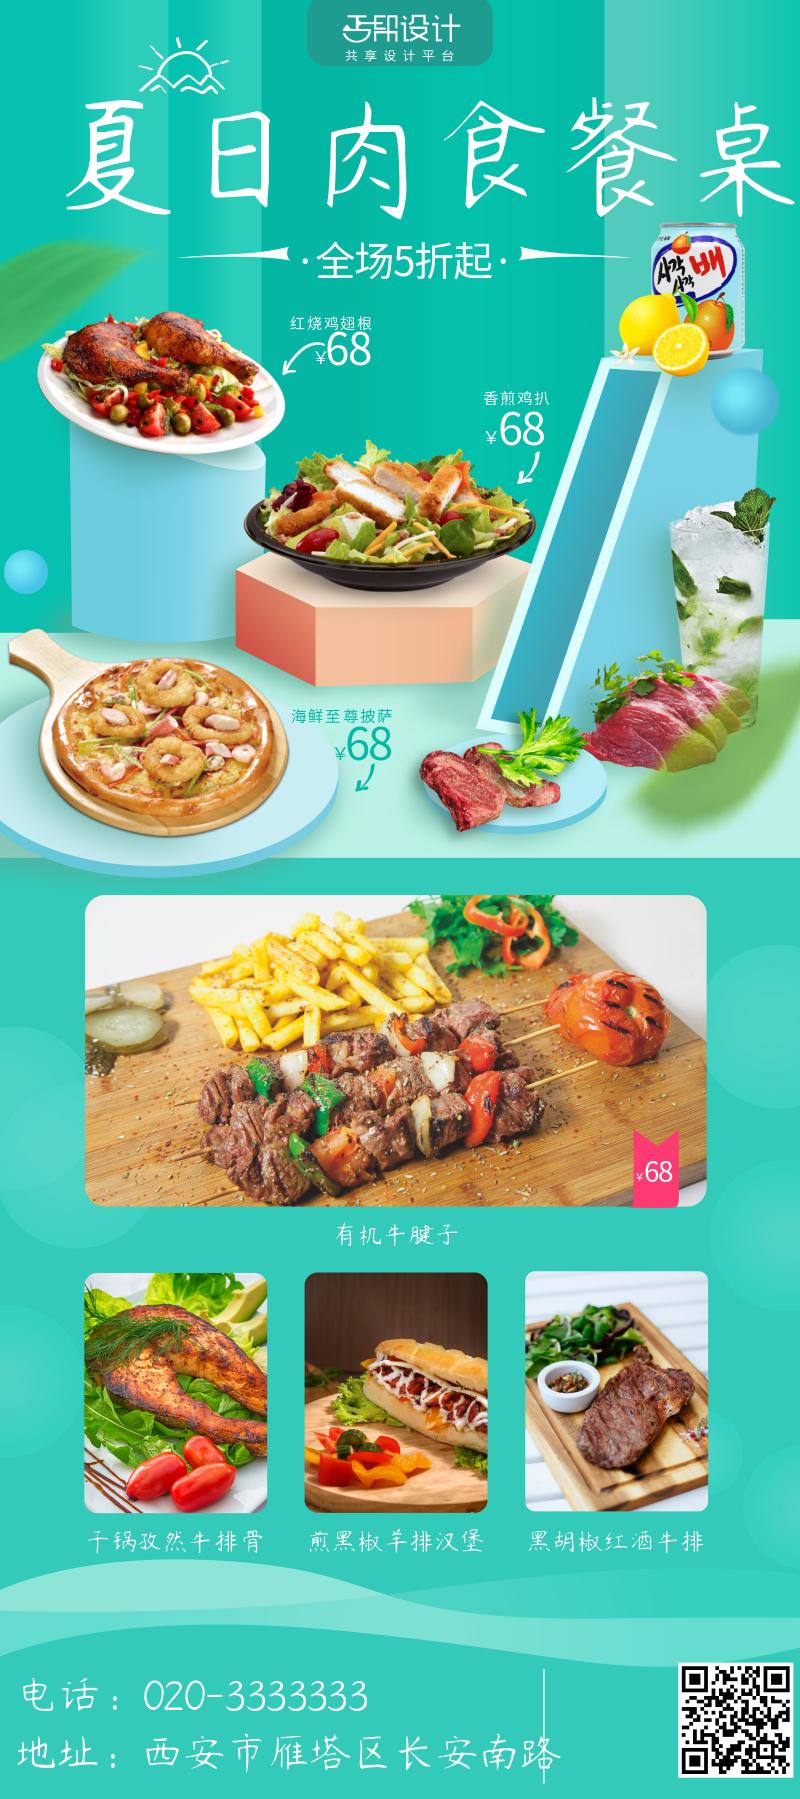 绿色清新美食餐饮新品推荐活动宣传